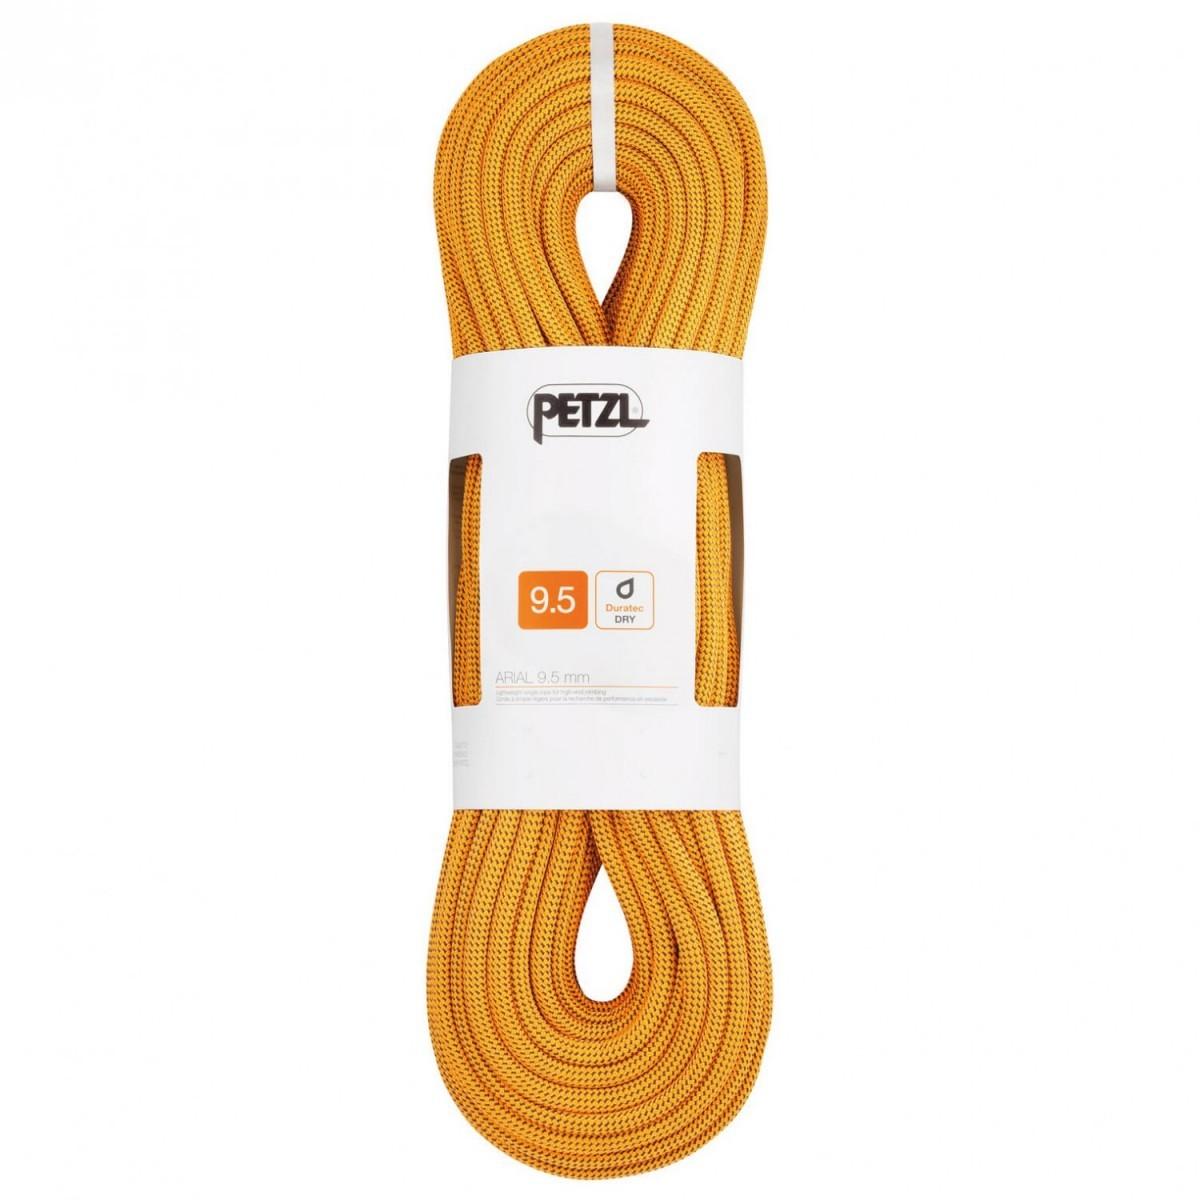 PETZL ペツル Arial 9.5(60m - Gold)★ロープ・ザイル・登山・クライミング★